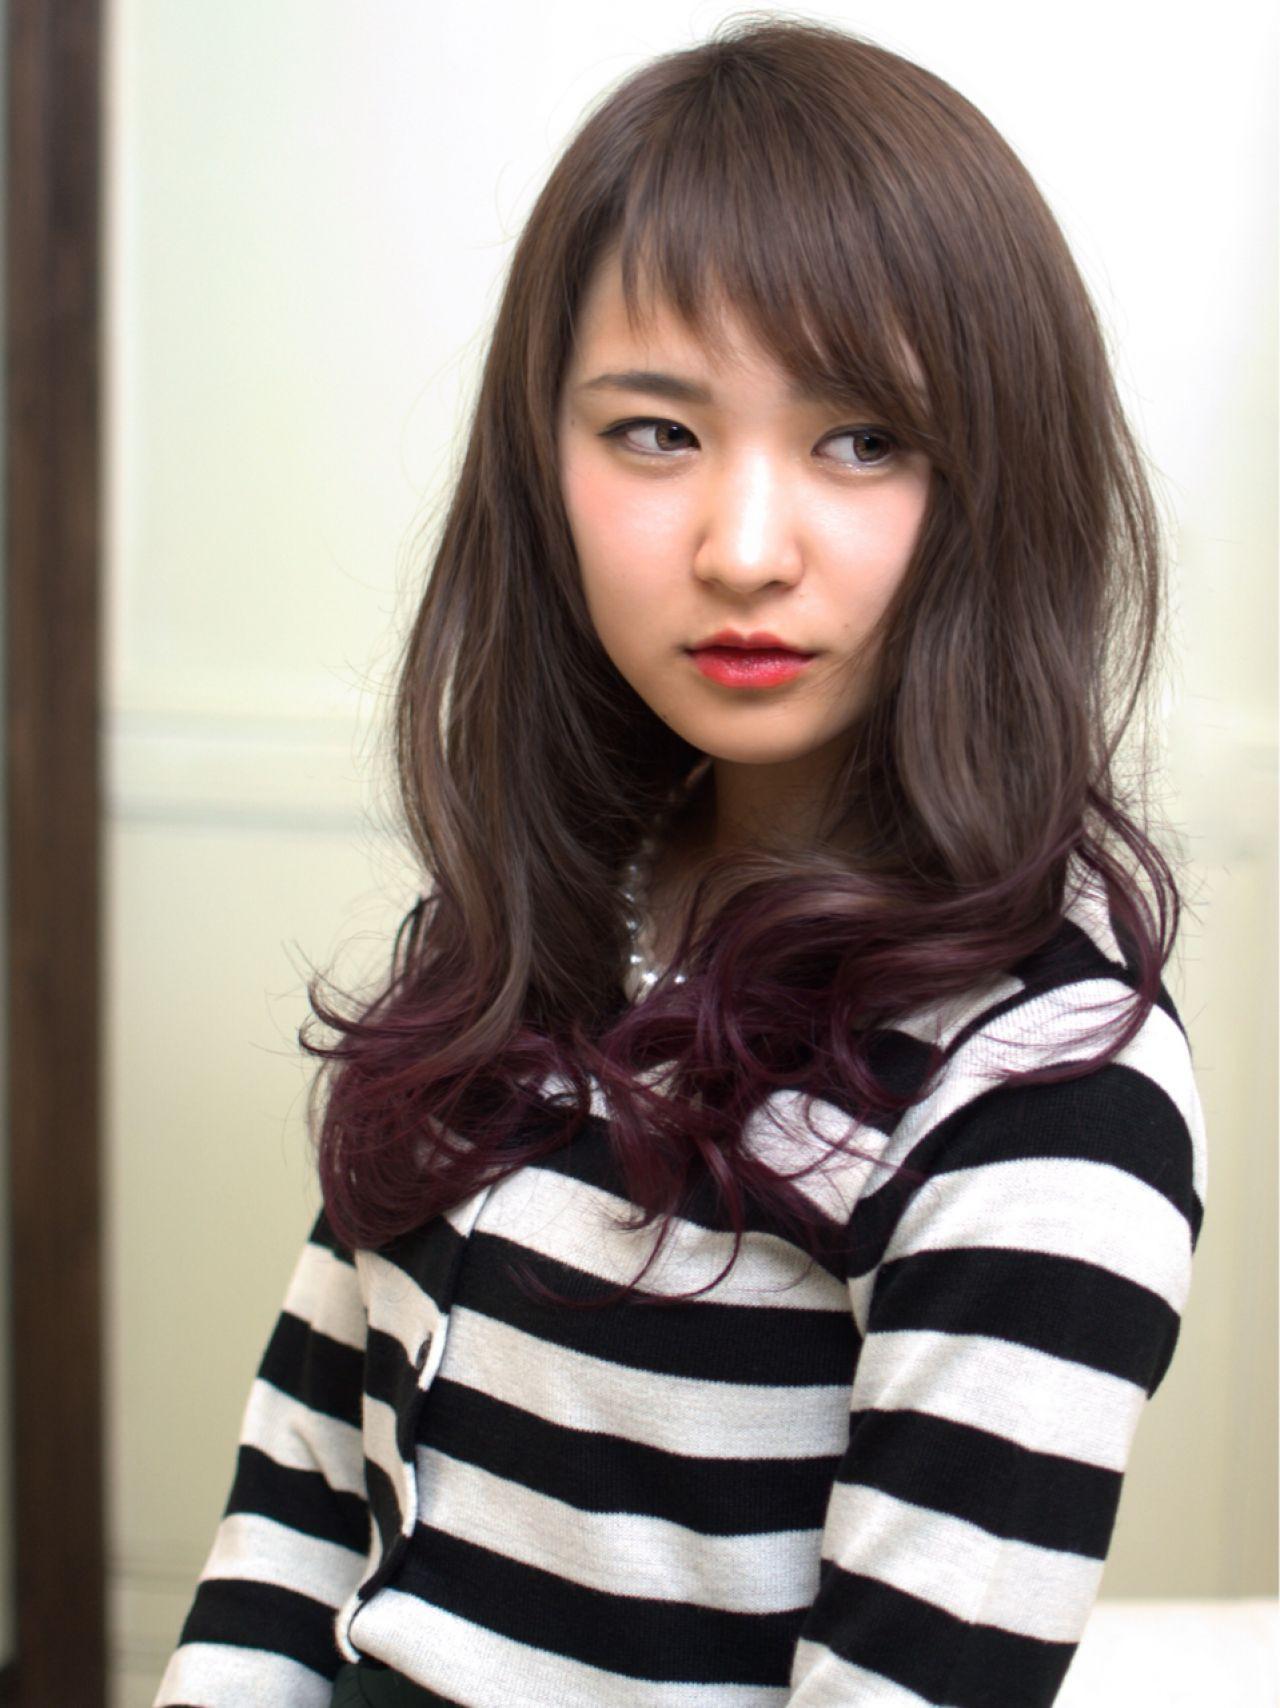 ロング グラデーションカラー ショートバング パープル ヘアスタイルや髪型の写真・画像